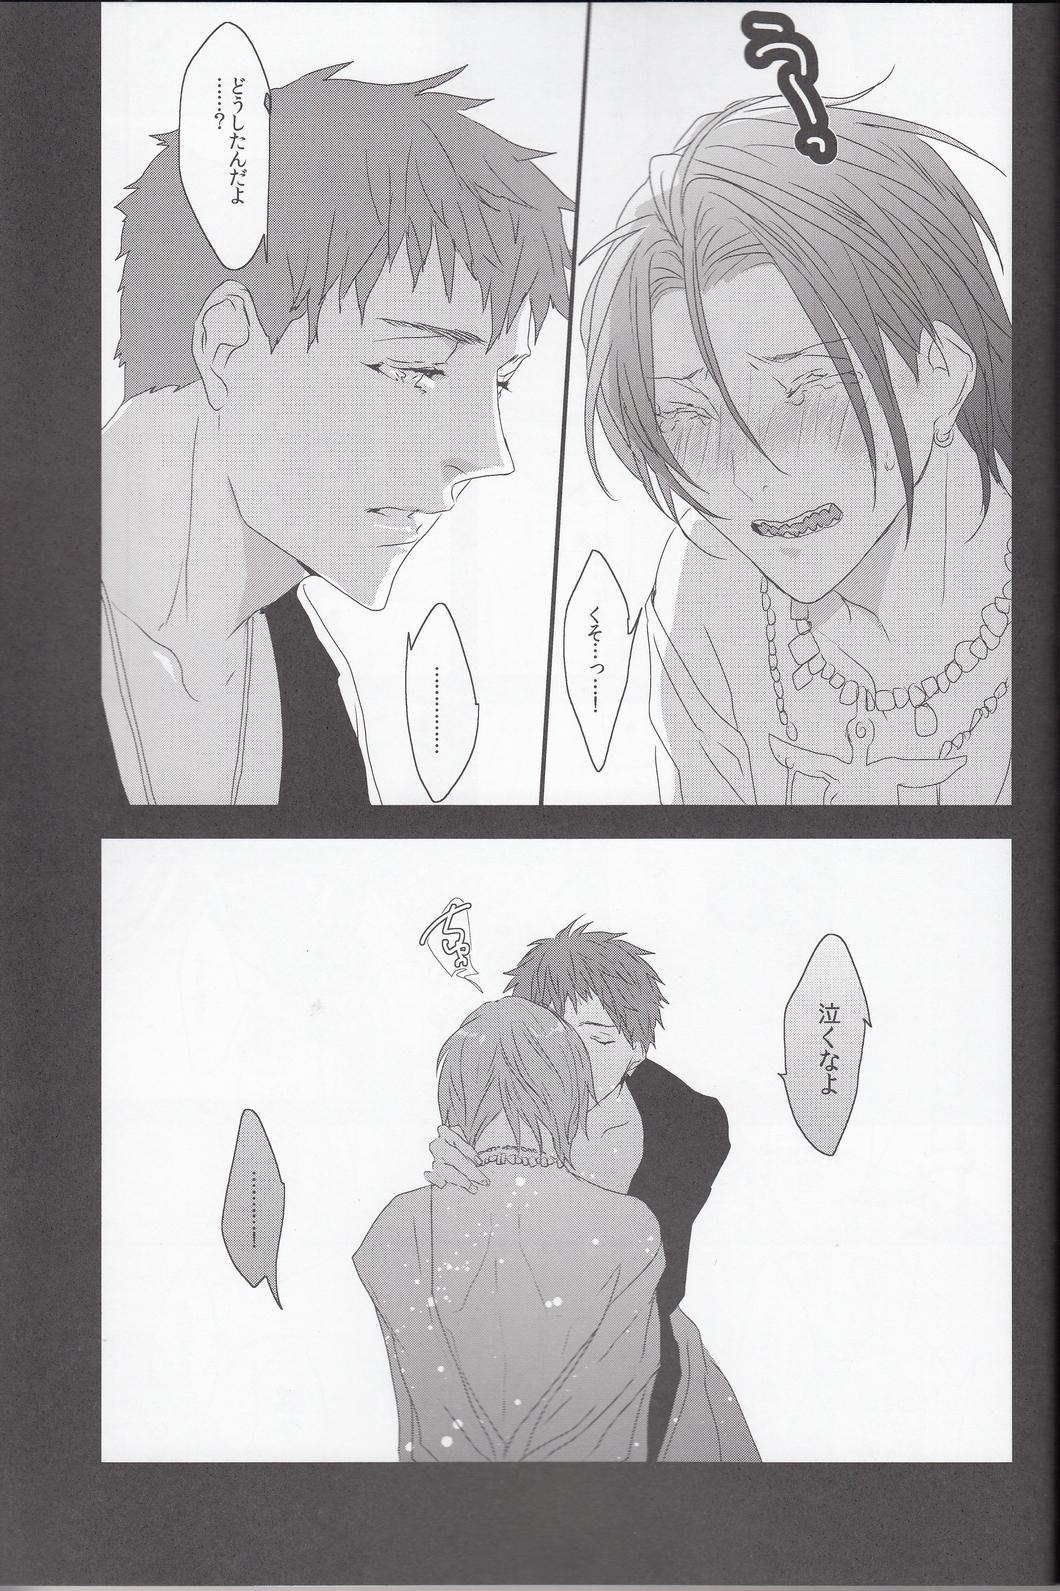 Rin to Ichiya Monogatari Seiteki na Imi de 25